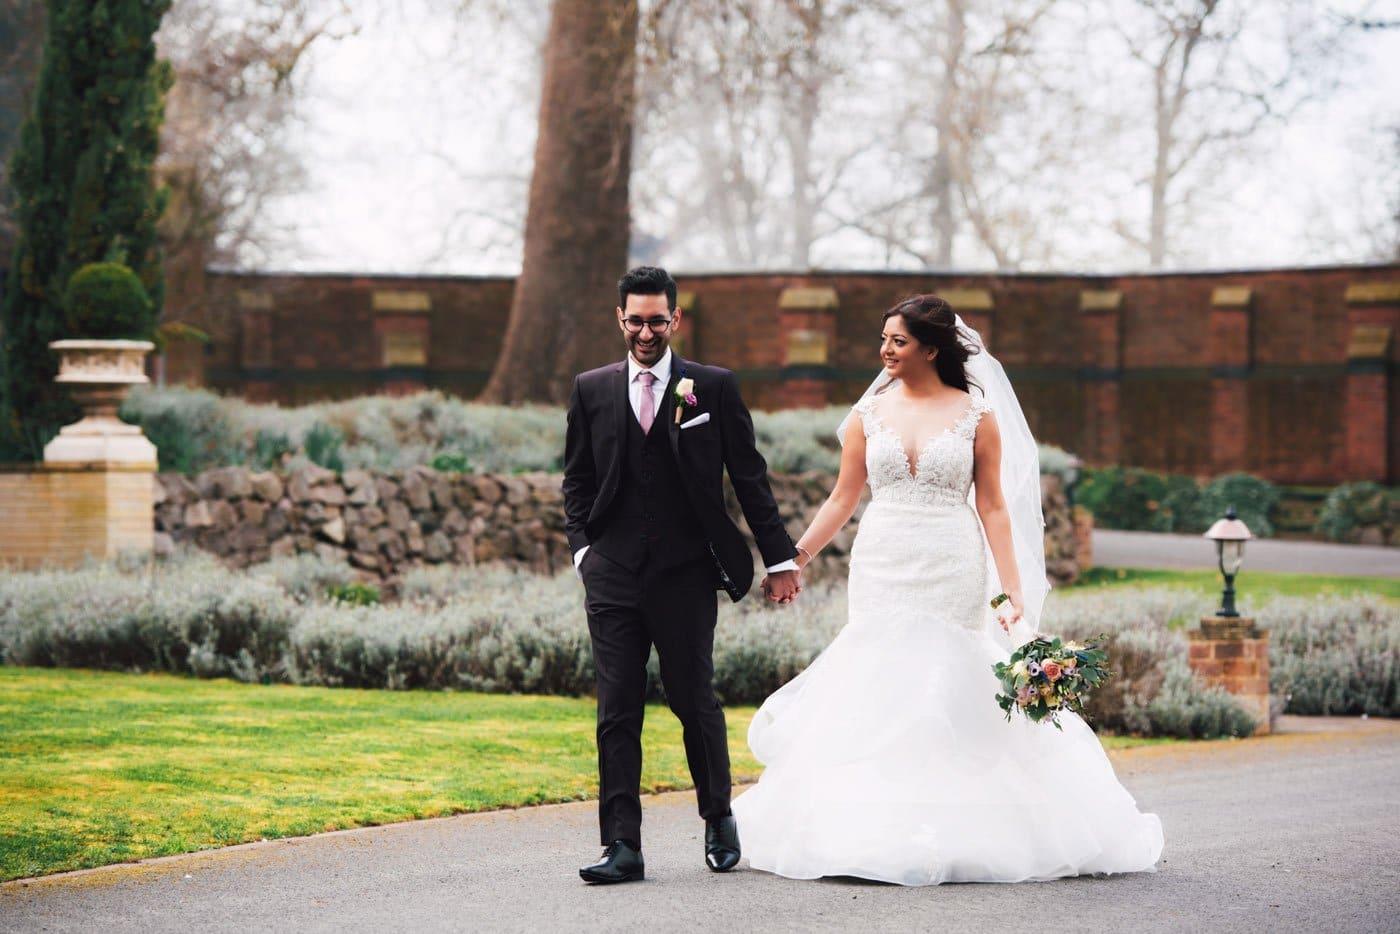 wedding-photography-at-Standbrook-Abbey-__-Amrita-and-Karan